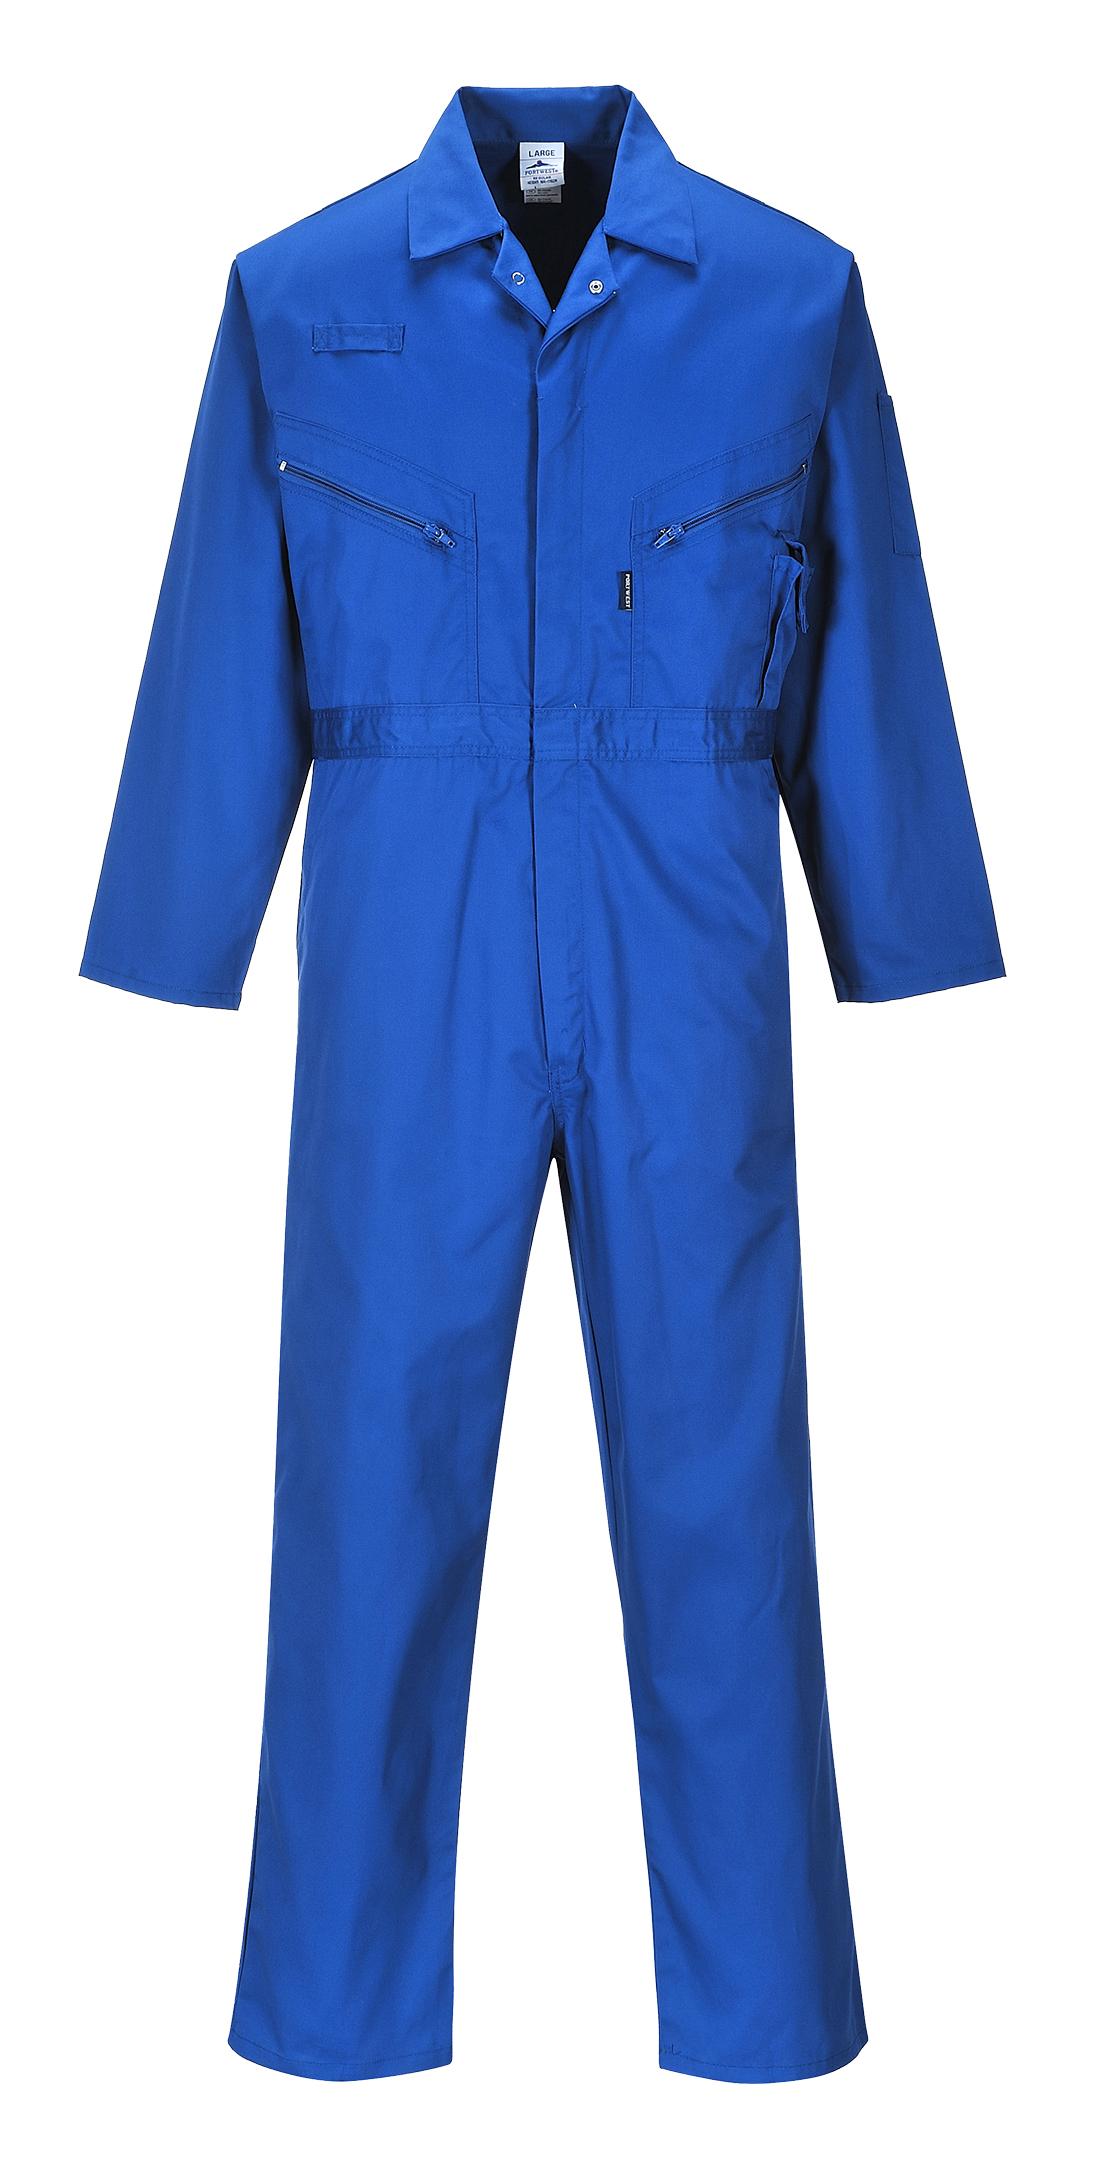 2XL - lungo Portwest Tuta da Lavoro Multi-tasche Blu navy Uomo